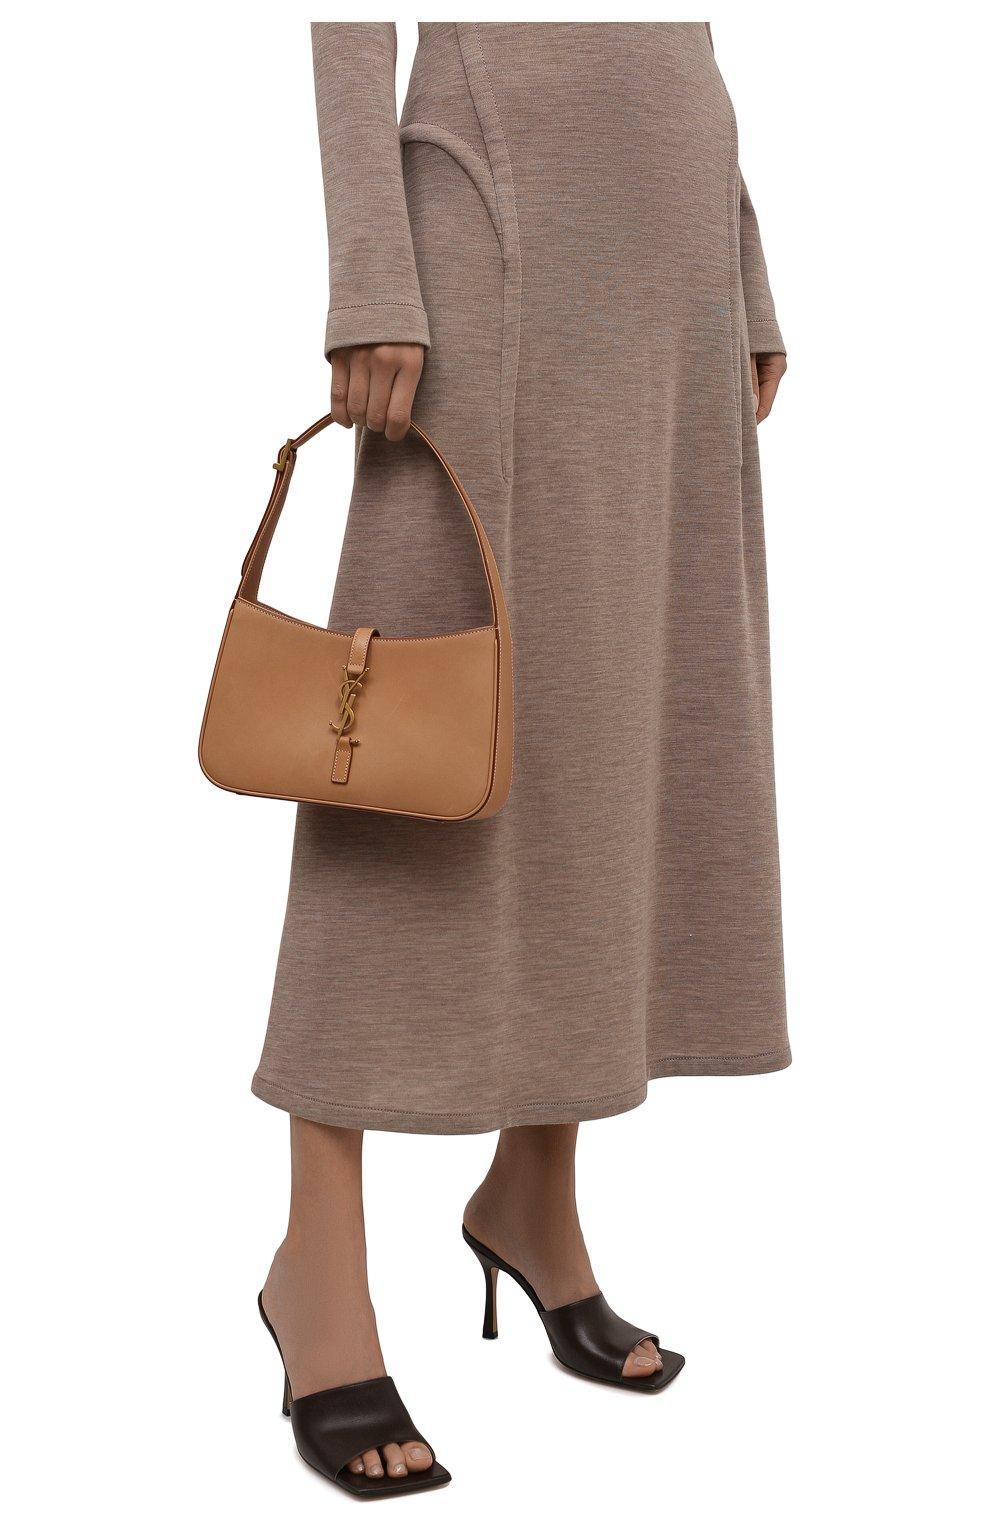 Женские кожаные мюли the stretch BOTTEGA VENETA коричневого цвета, арт. 610538/VBSF0 | Фото 3 (Каблук высота: Высокий; Материал внутренний: Натуральная кожа; Каблук тип: Шпилька; Подошва: Плоская)